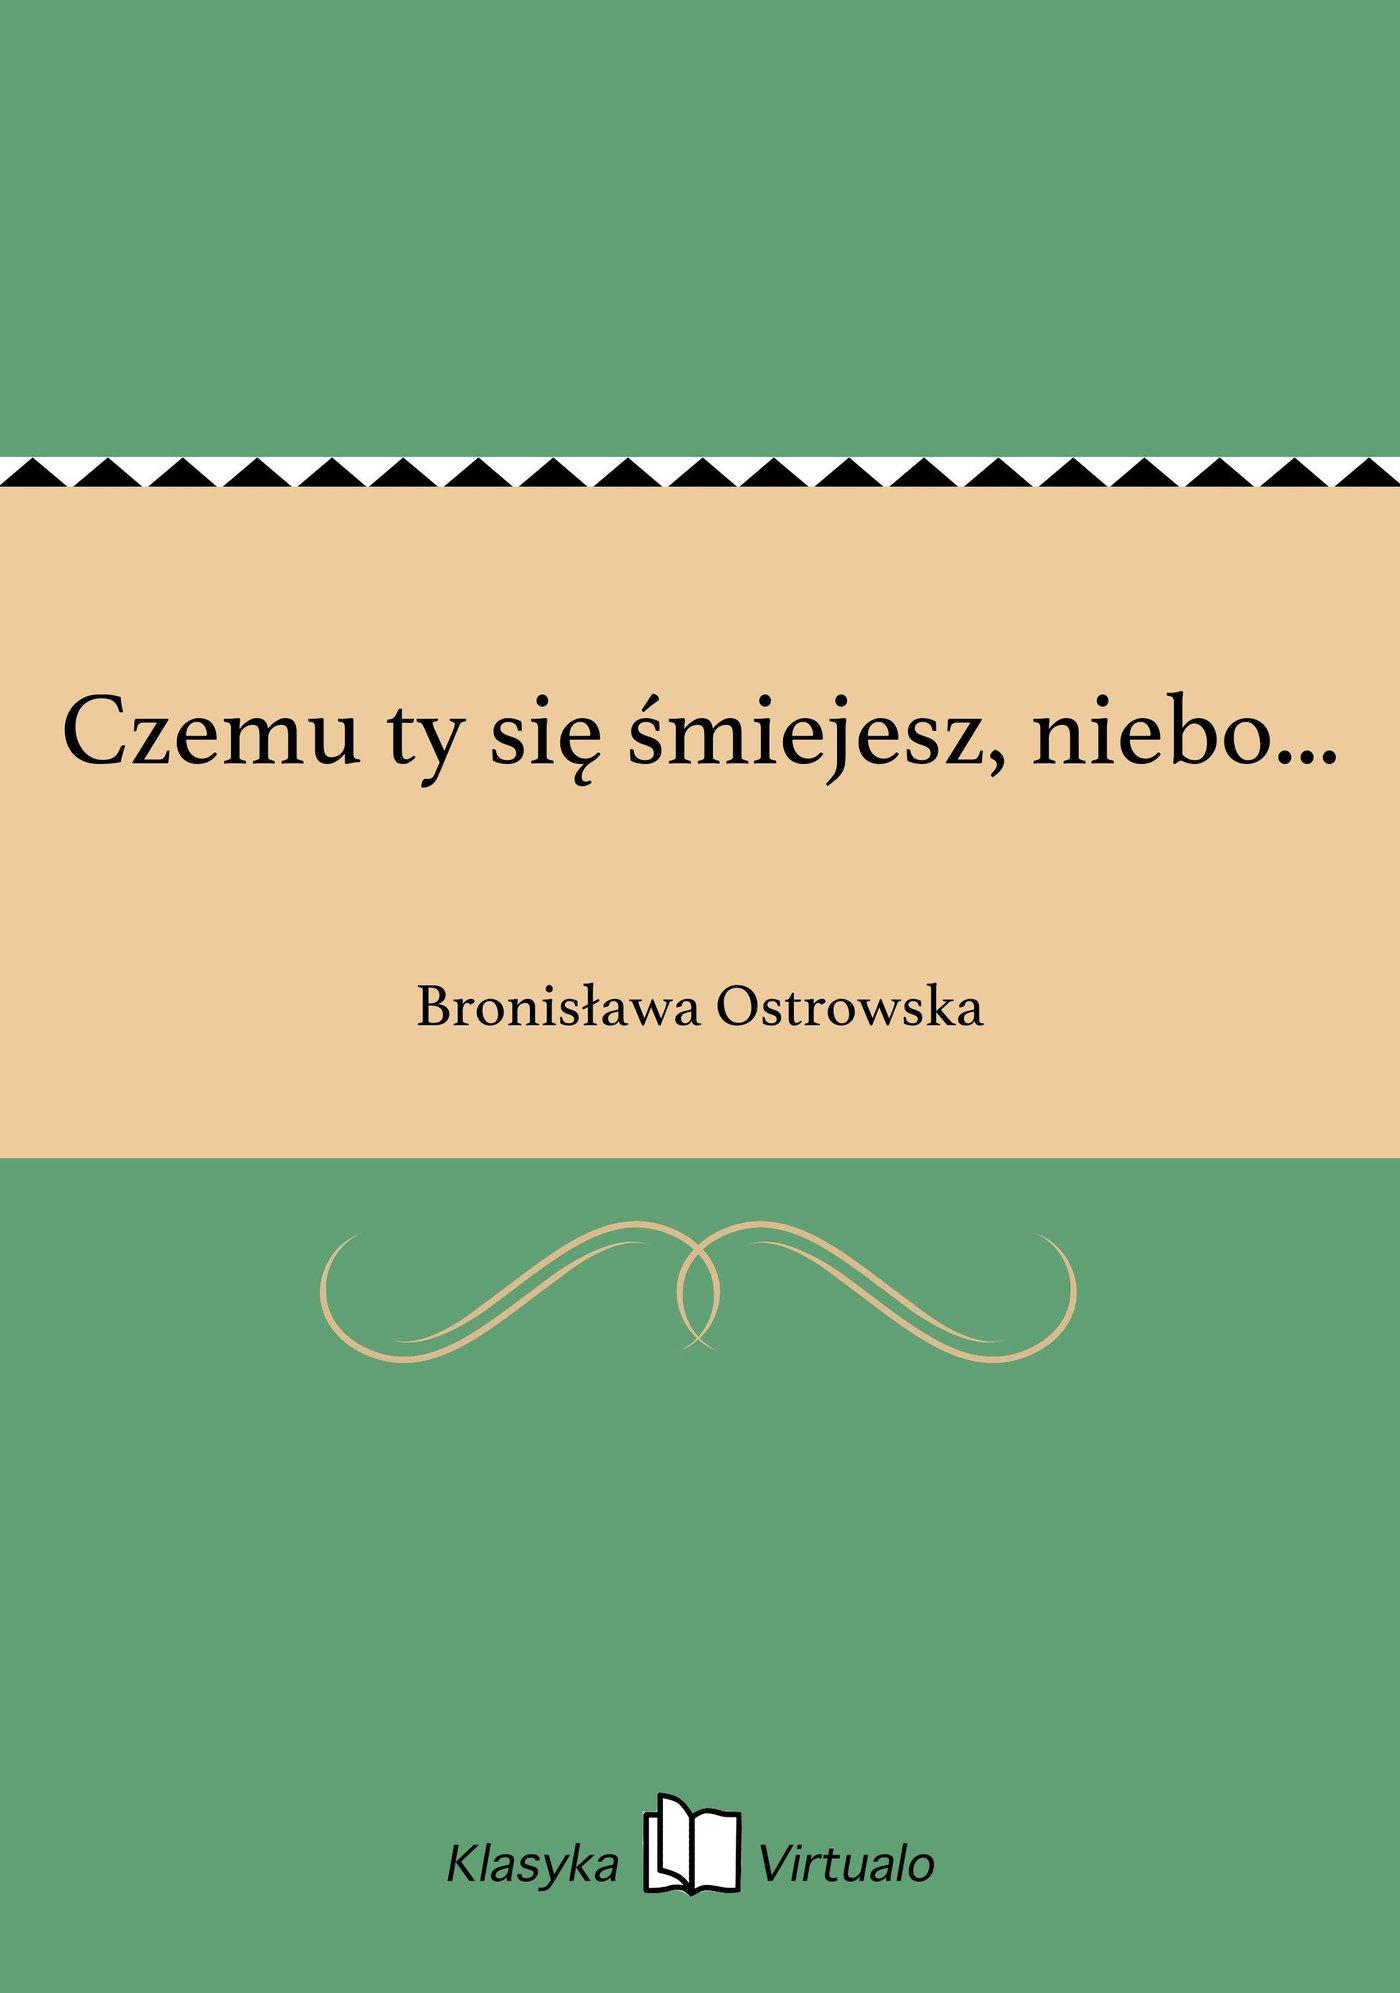 Czemu ty się śmiejesz, niebo... - Ebook (Książka EPUB) do pobrania w formacie EPUB